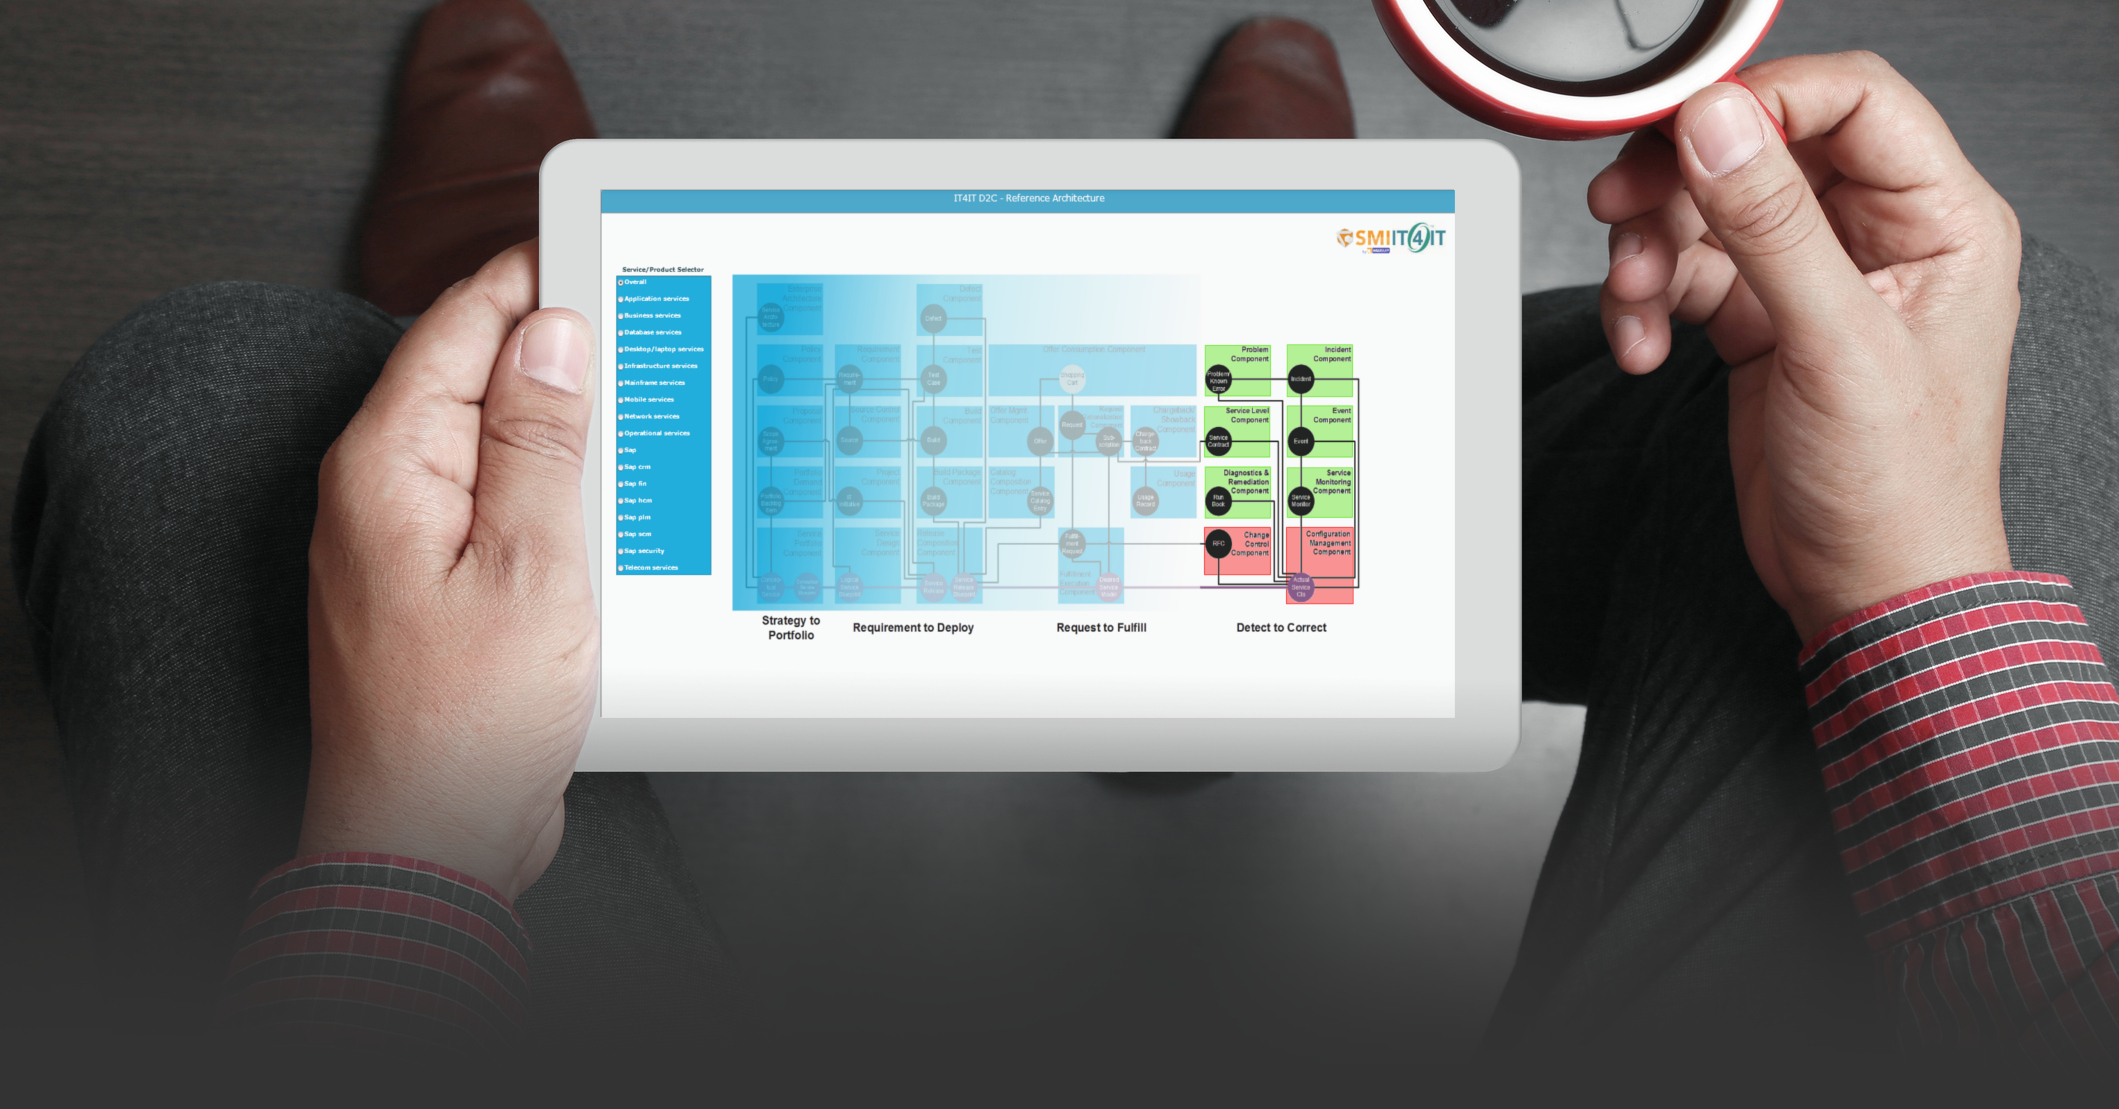 tablet it4it dash crop 1 - IT4IT™